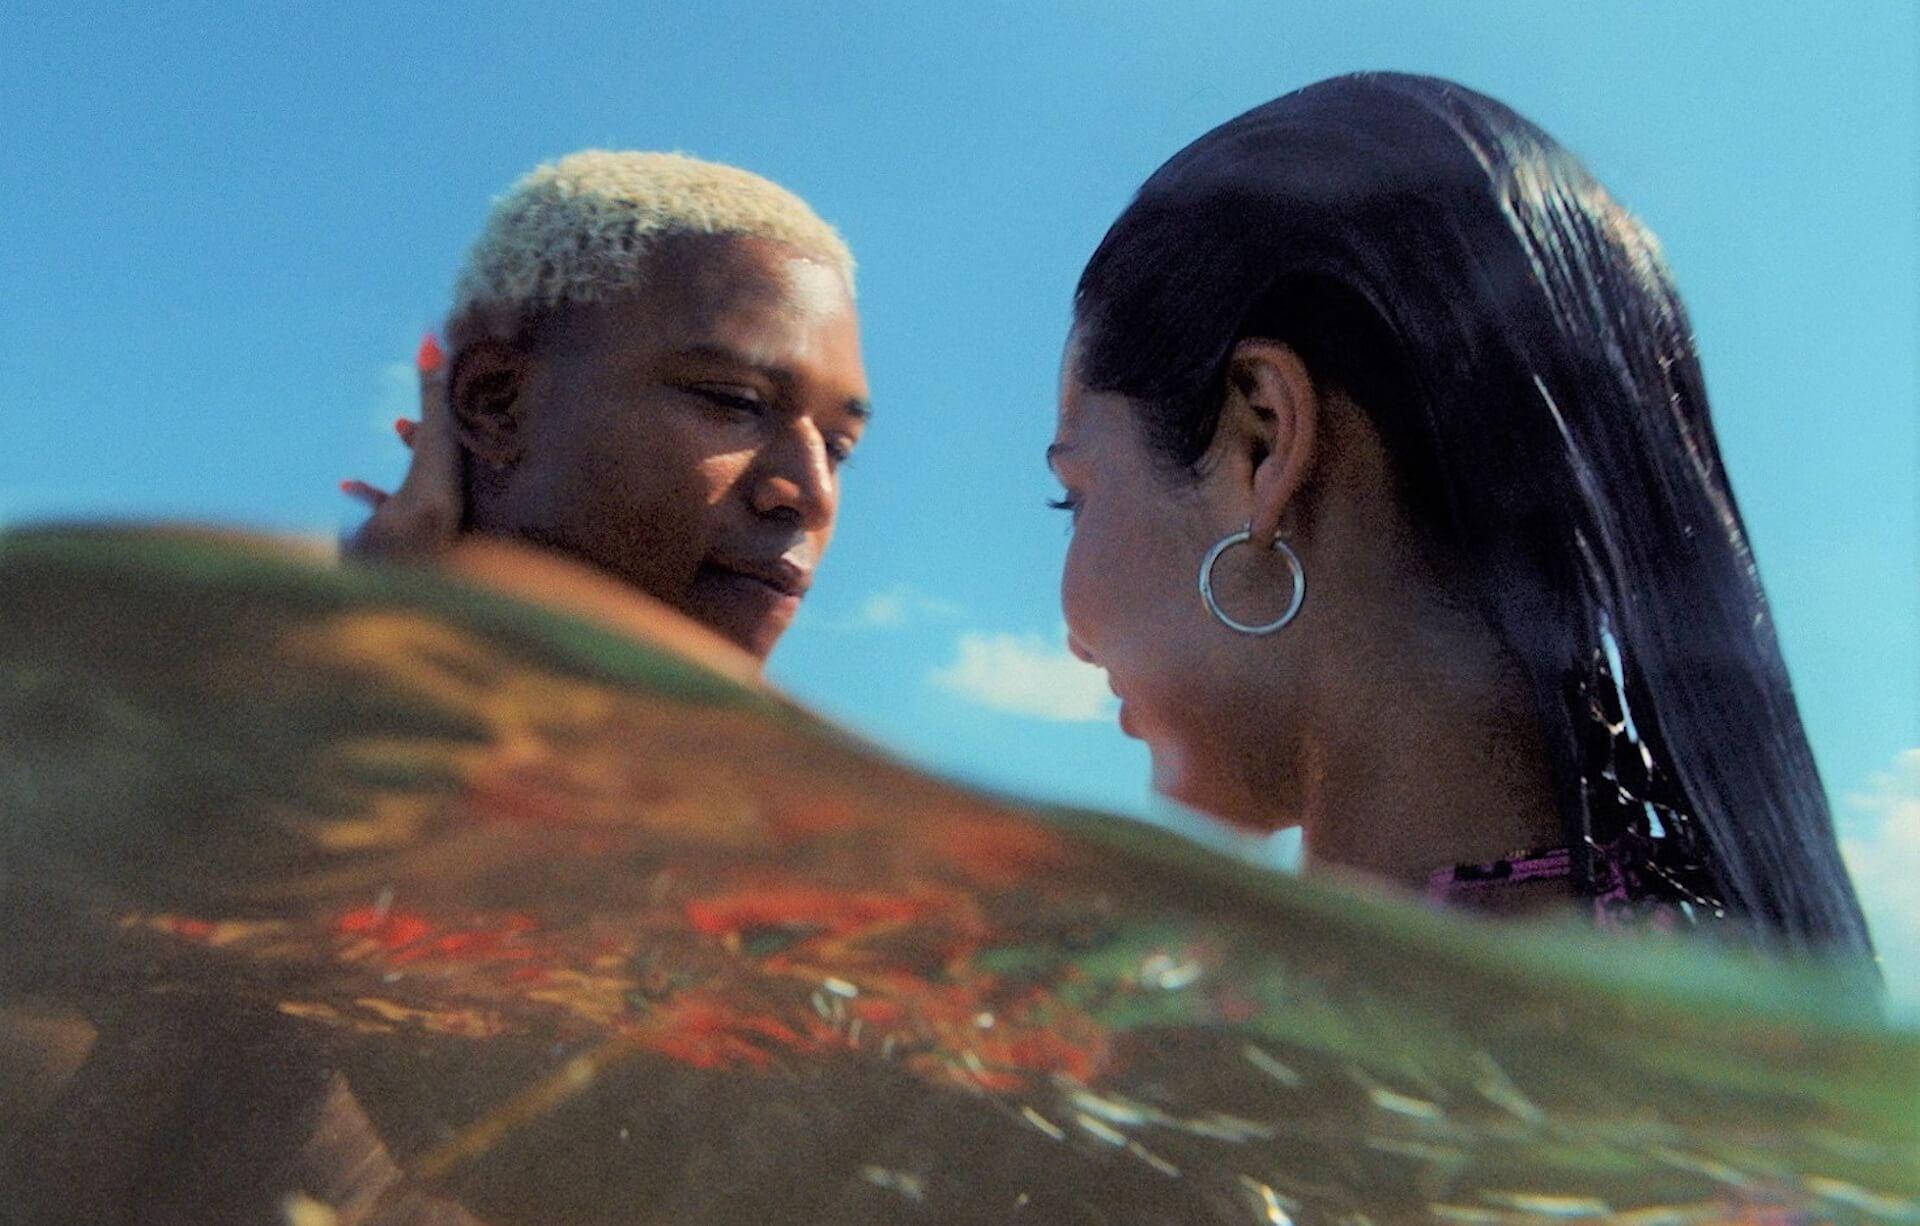 トレント・レズナーが音楽を手がけるA24最新作『WAVES/ウェイブス』の水辺のシーンが収められた場面写真が解禁! film200316_waves_1